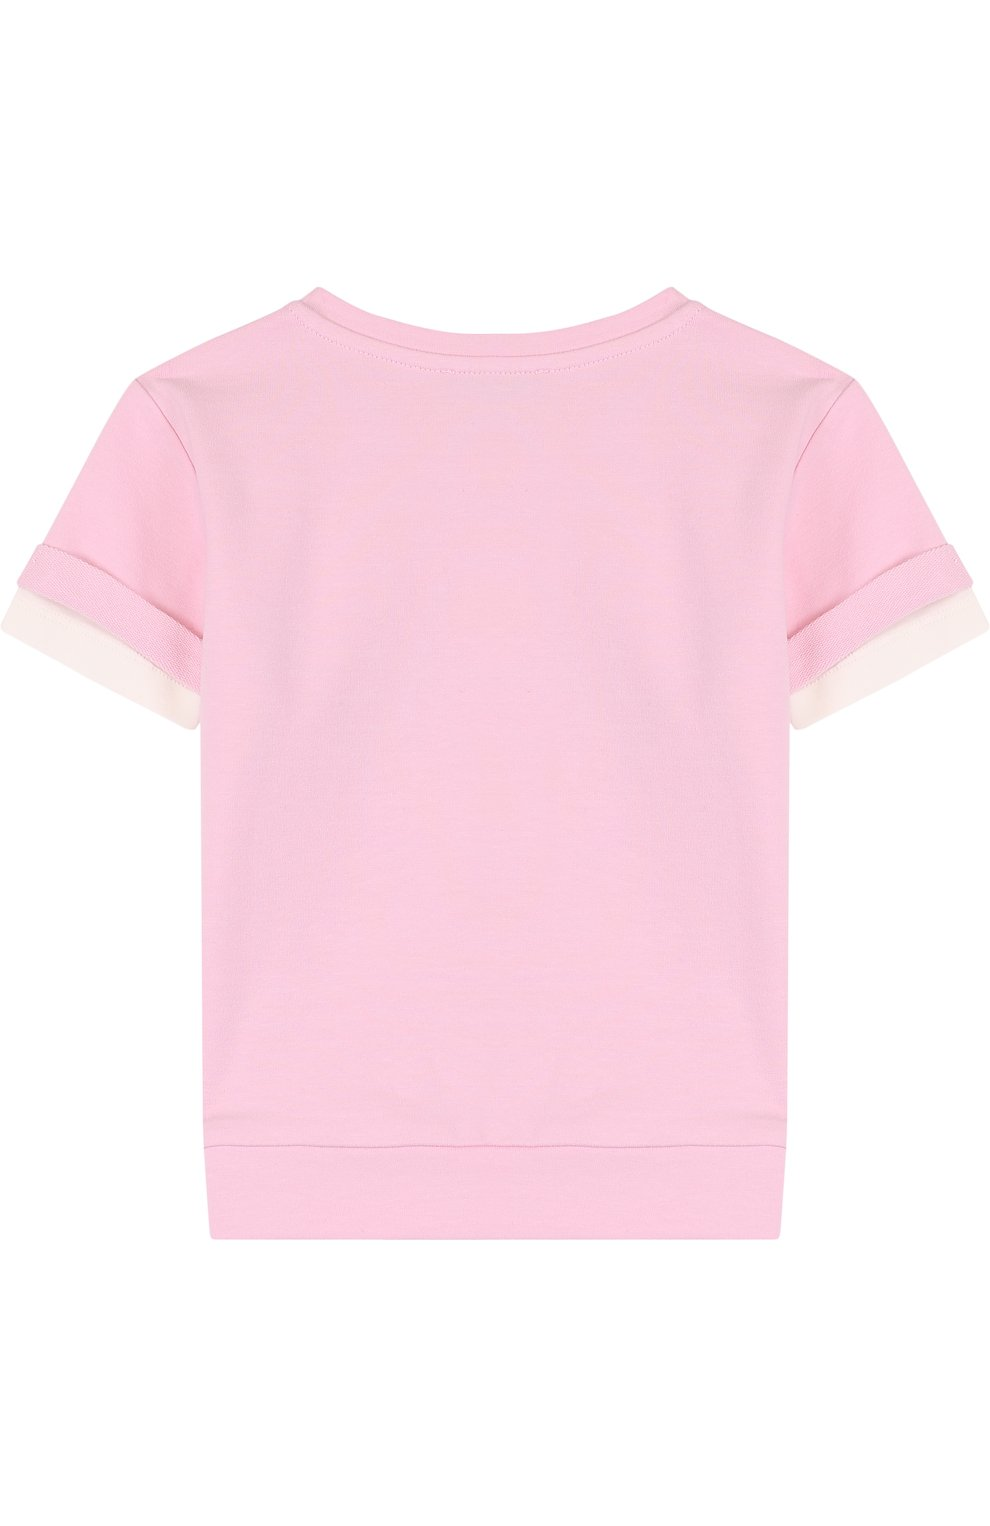 Детский хлопковый свитшот со стразами и короткими рукавами NO. 21 розового цвета, арт. 08 X/K805/3440/26-32 | Фото 2